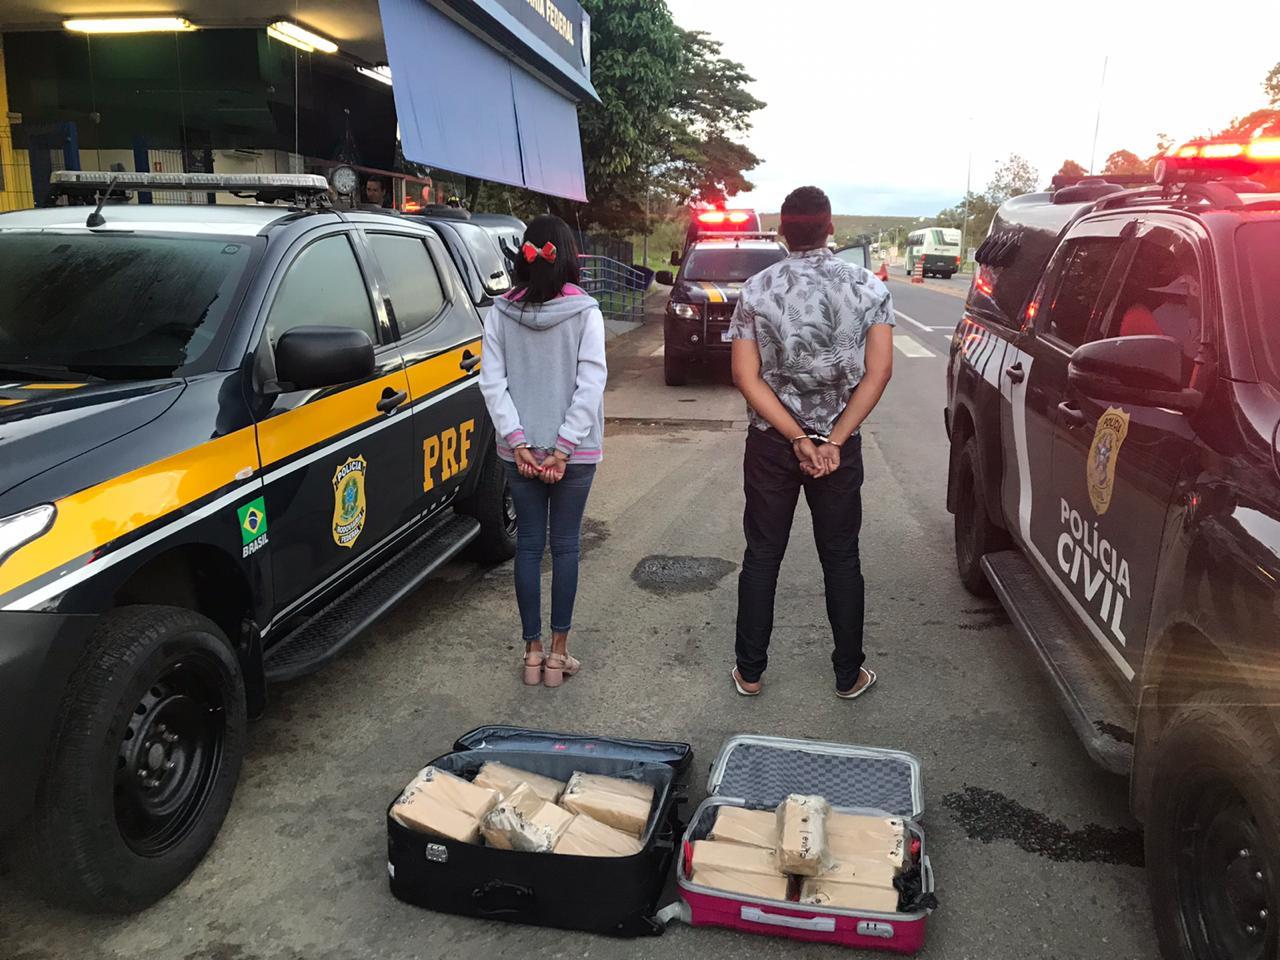 Os detidos afirmaram que receberiam que receberiam R$ 1.100 cada pelo transporte da droga. Foto: Agência/PRF-ES